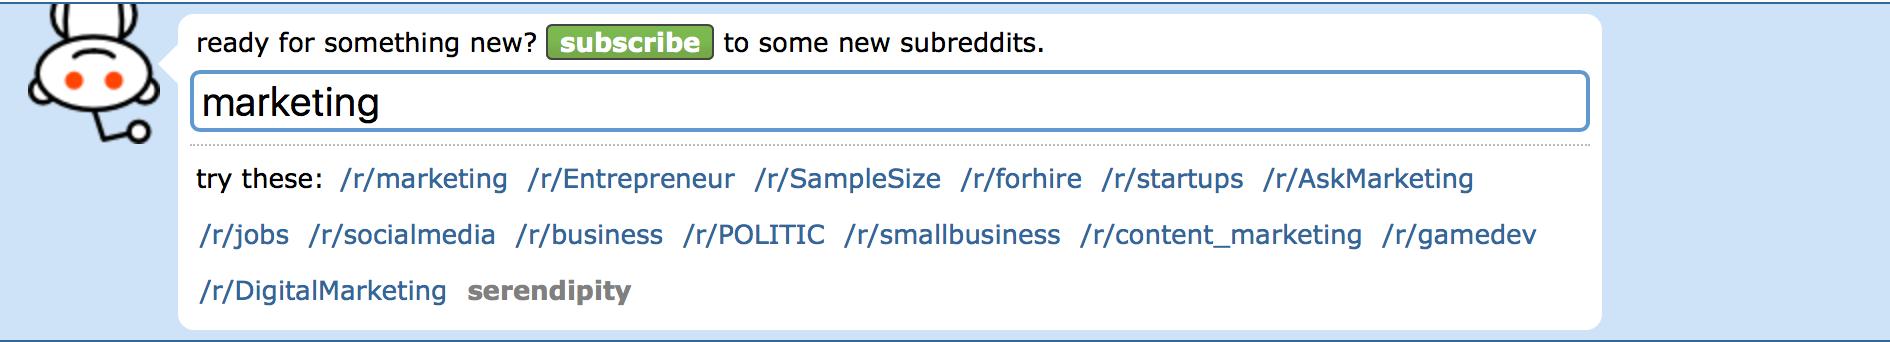 Как запустить рекламу на Reddit